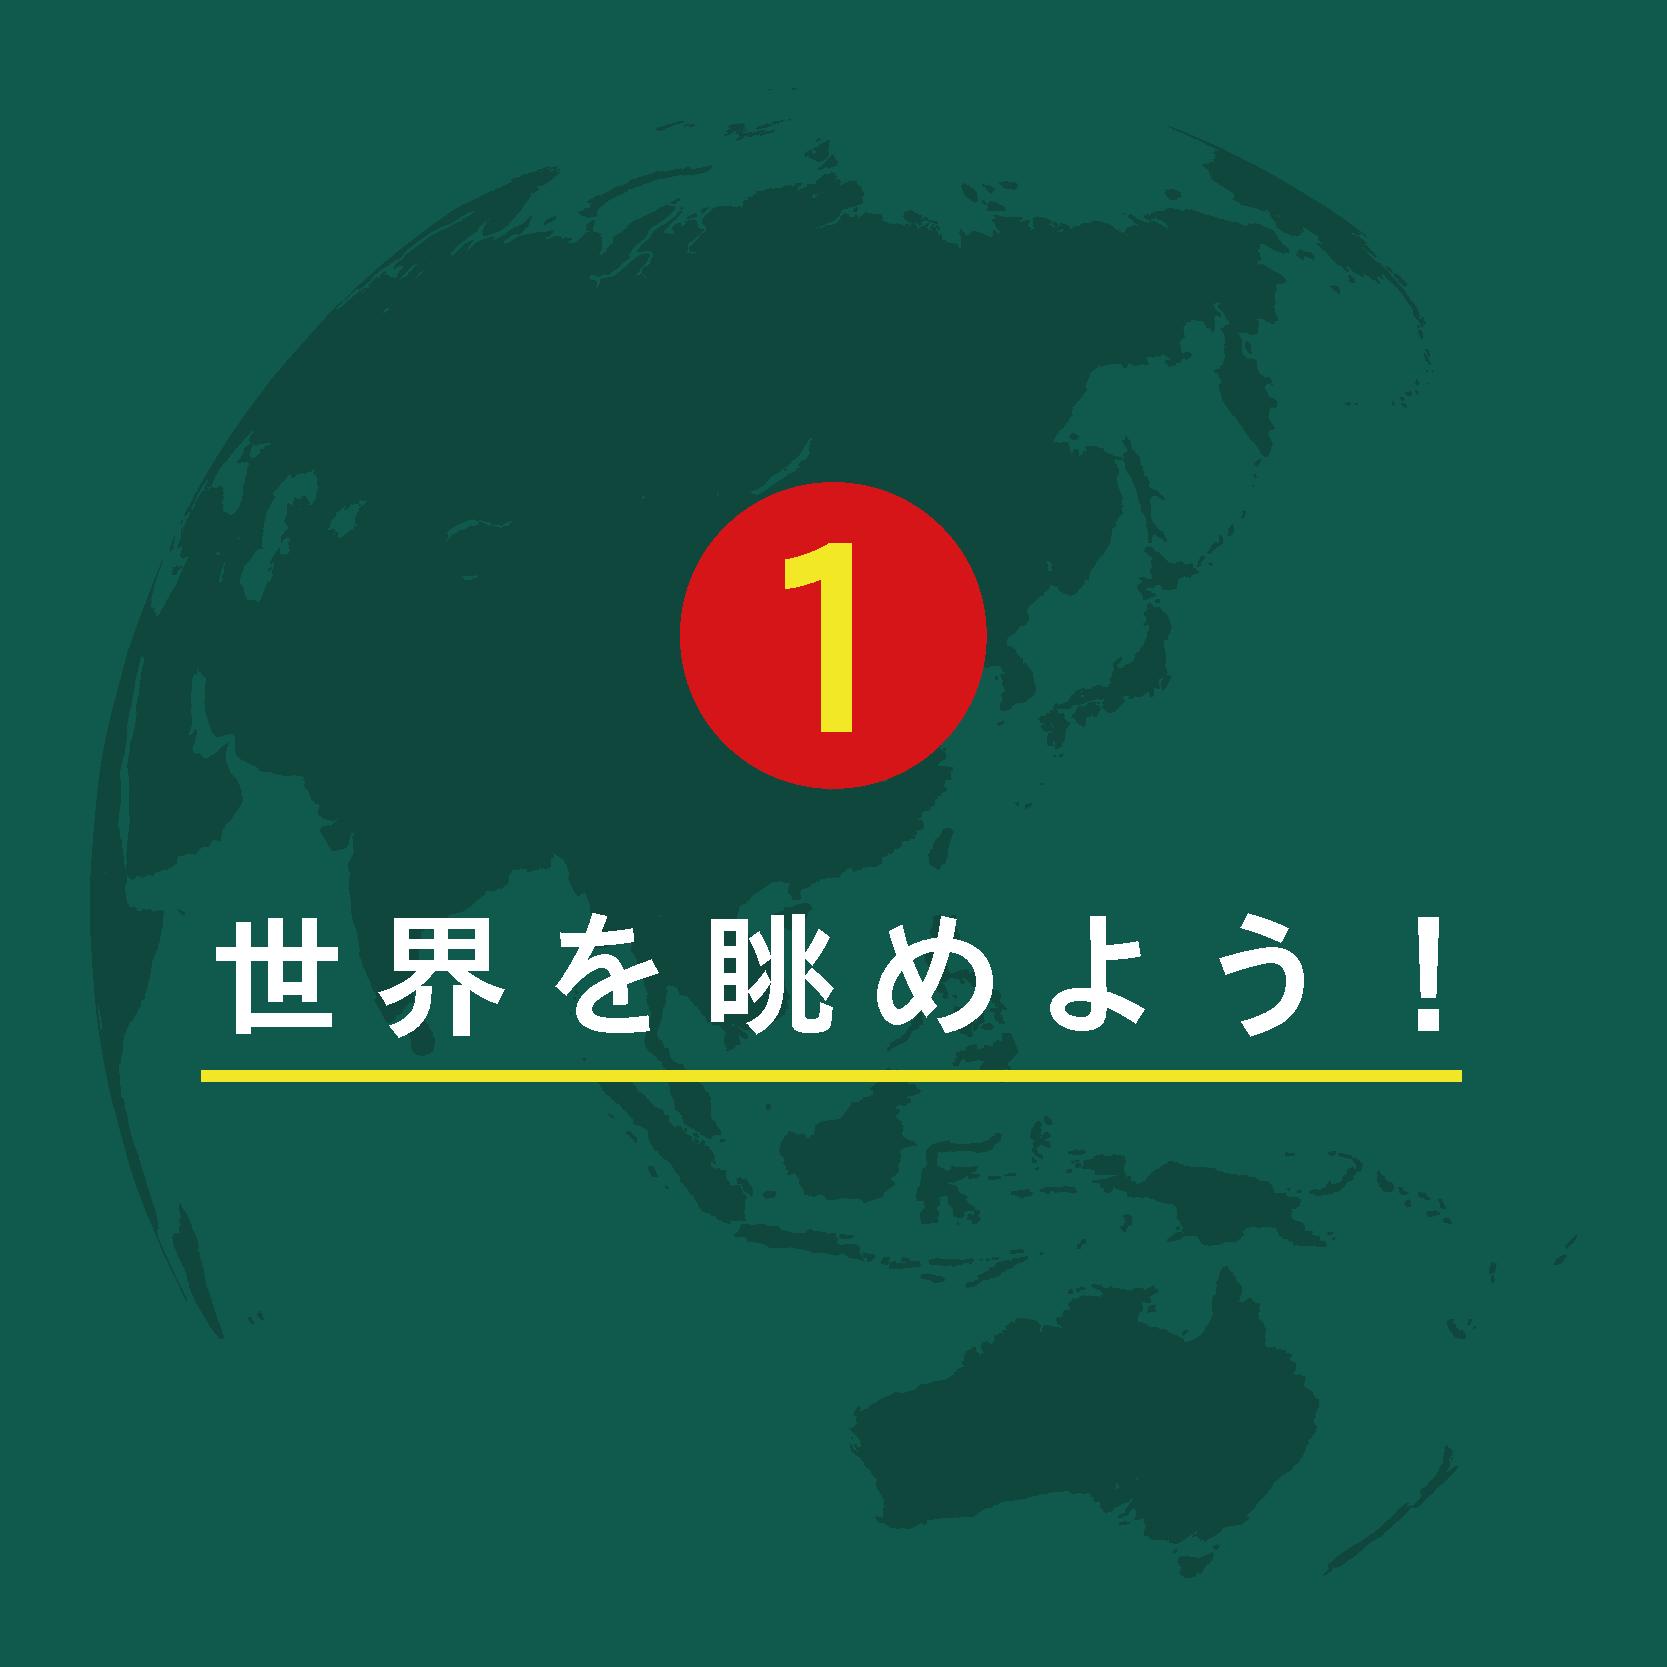 枠を飛び出せ/国際協力講座 『思考力編』①世界を眺めよう!